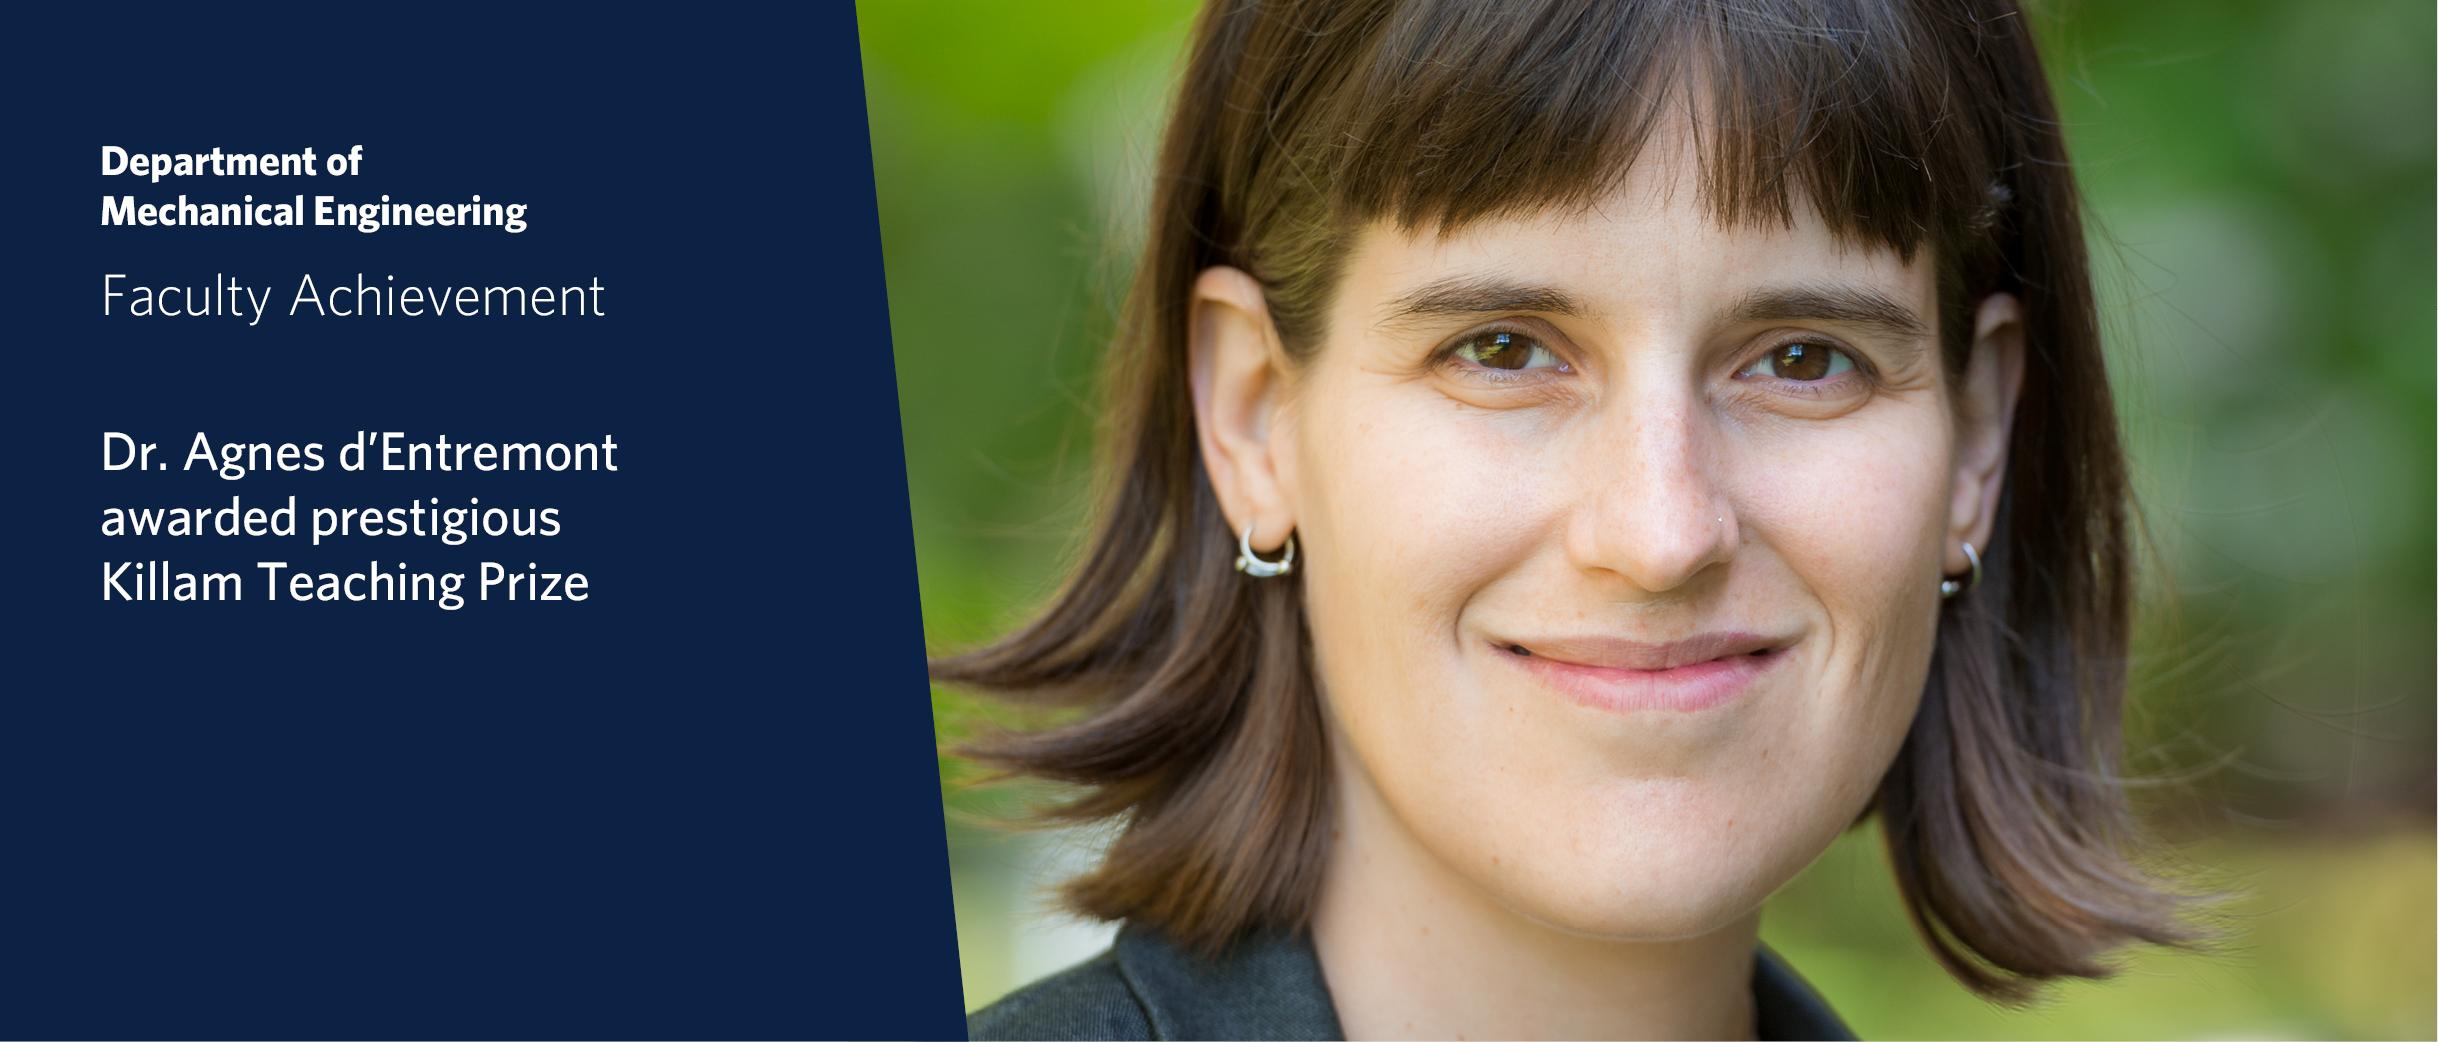 Dr. Agnes d'Entremont wins Killam Teaching Prize